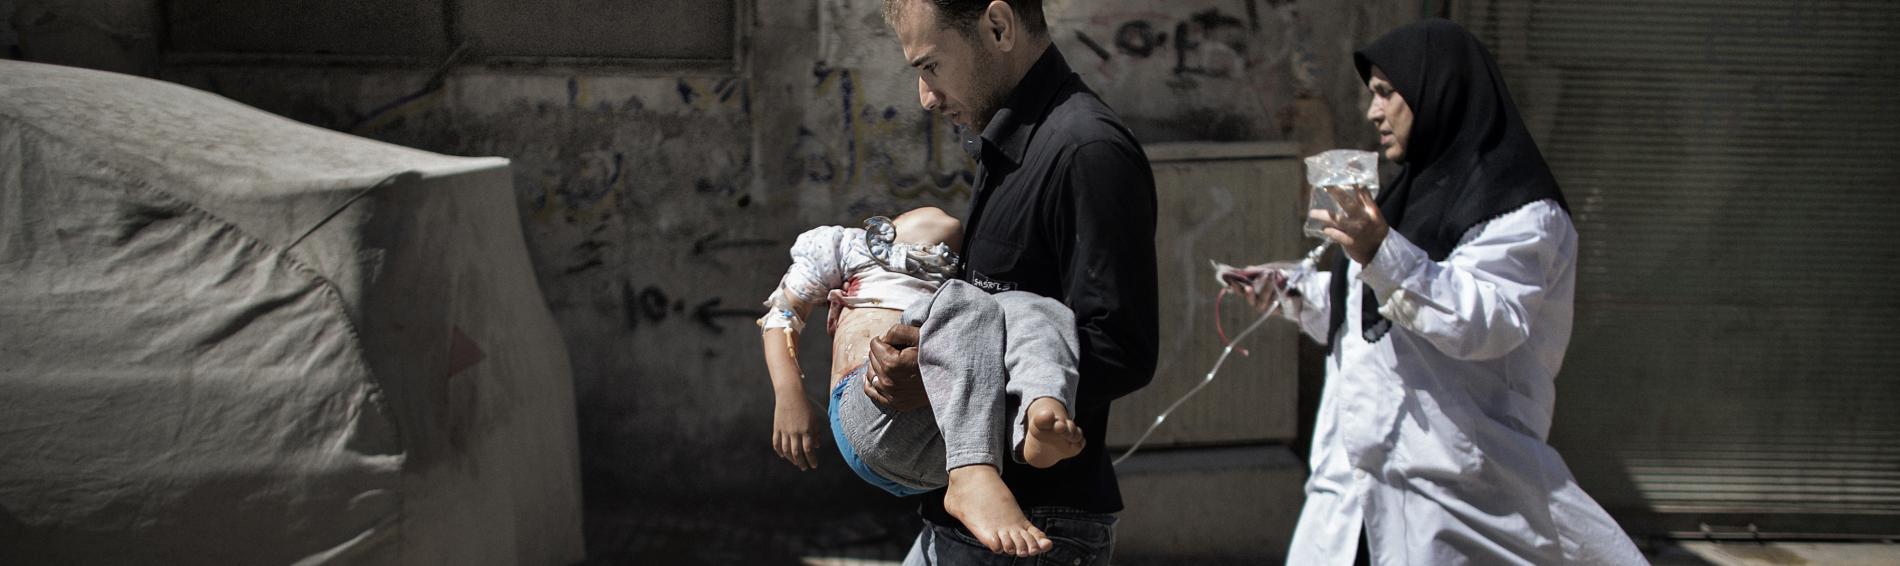 Ein Vater trägt sein Kind, das bei einem Bombenangriff verletzt wurde. Foto: Marco Longari, AFP